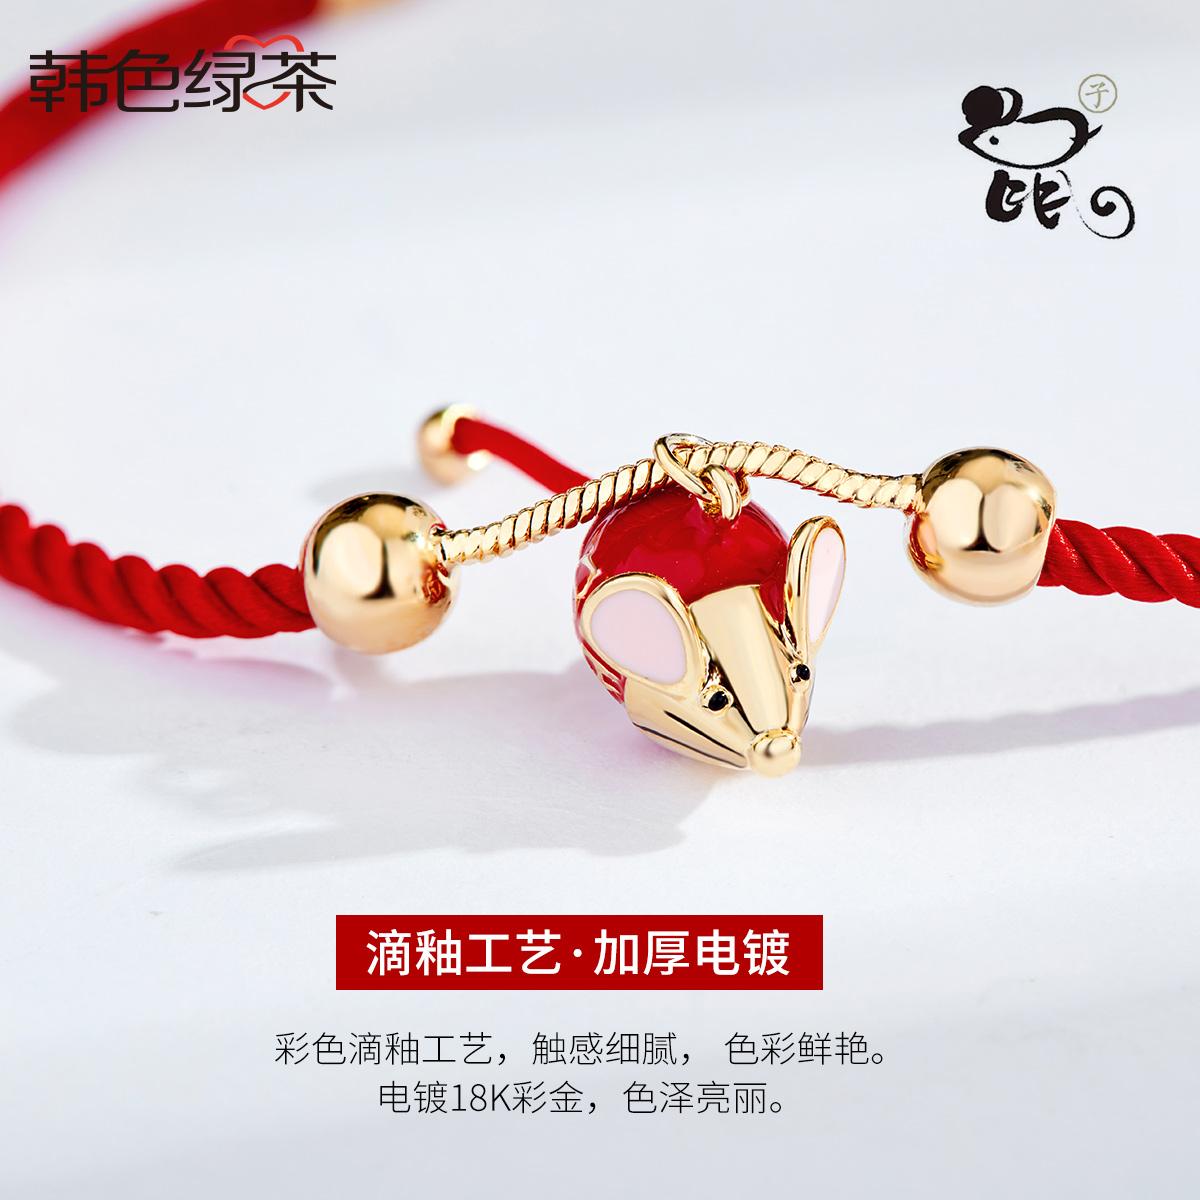 生肖鼠本命年中国风手环红绳手链